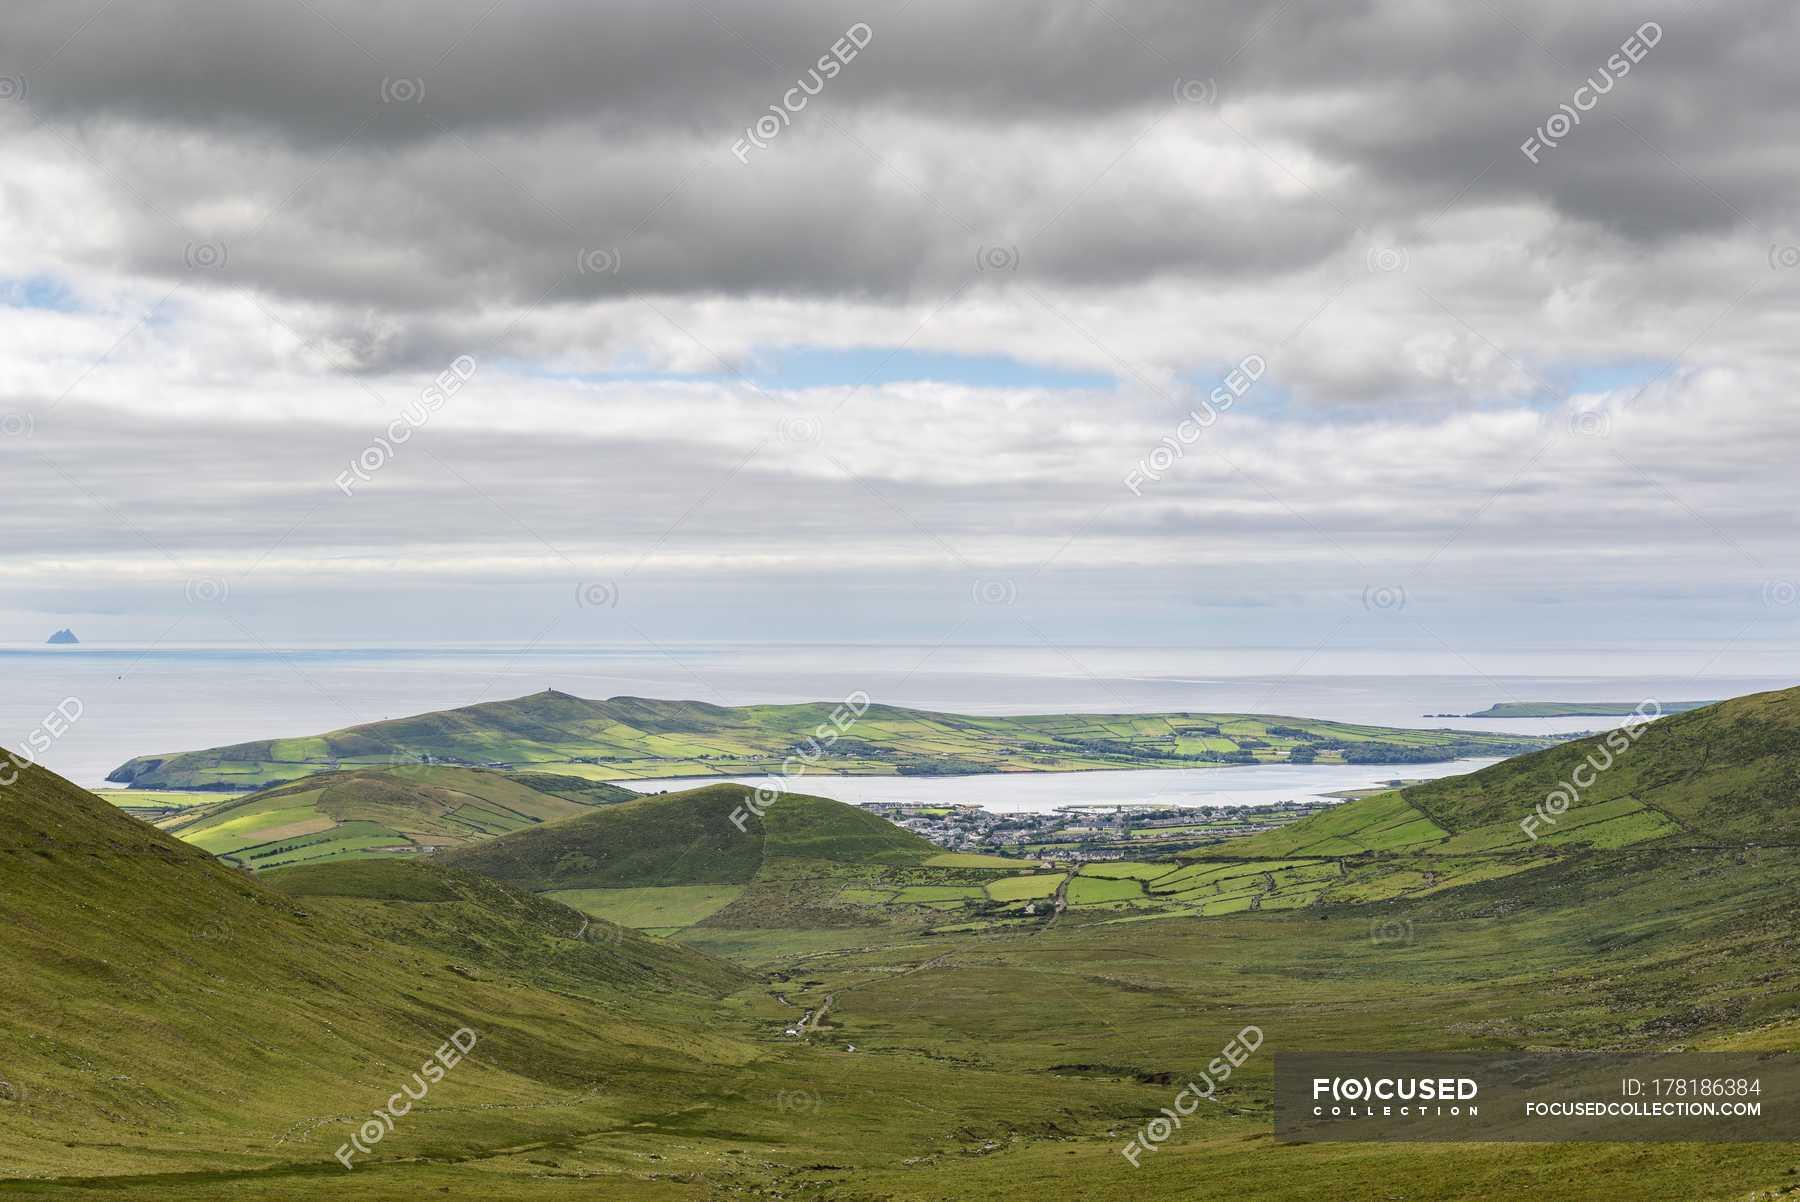 Rossacroo-na-loo Wood, Near Kilgarvan, County Kerry, Ireland  № 12814 бесплатно